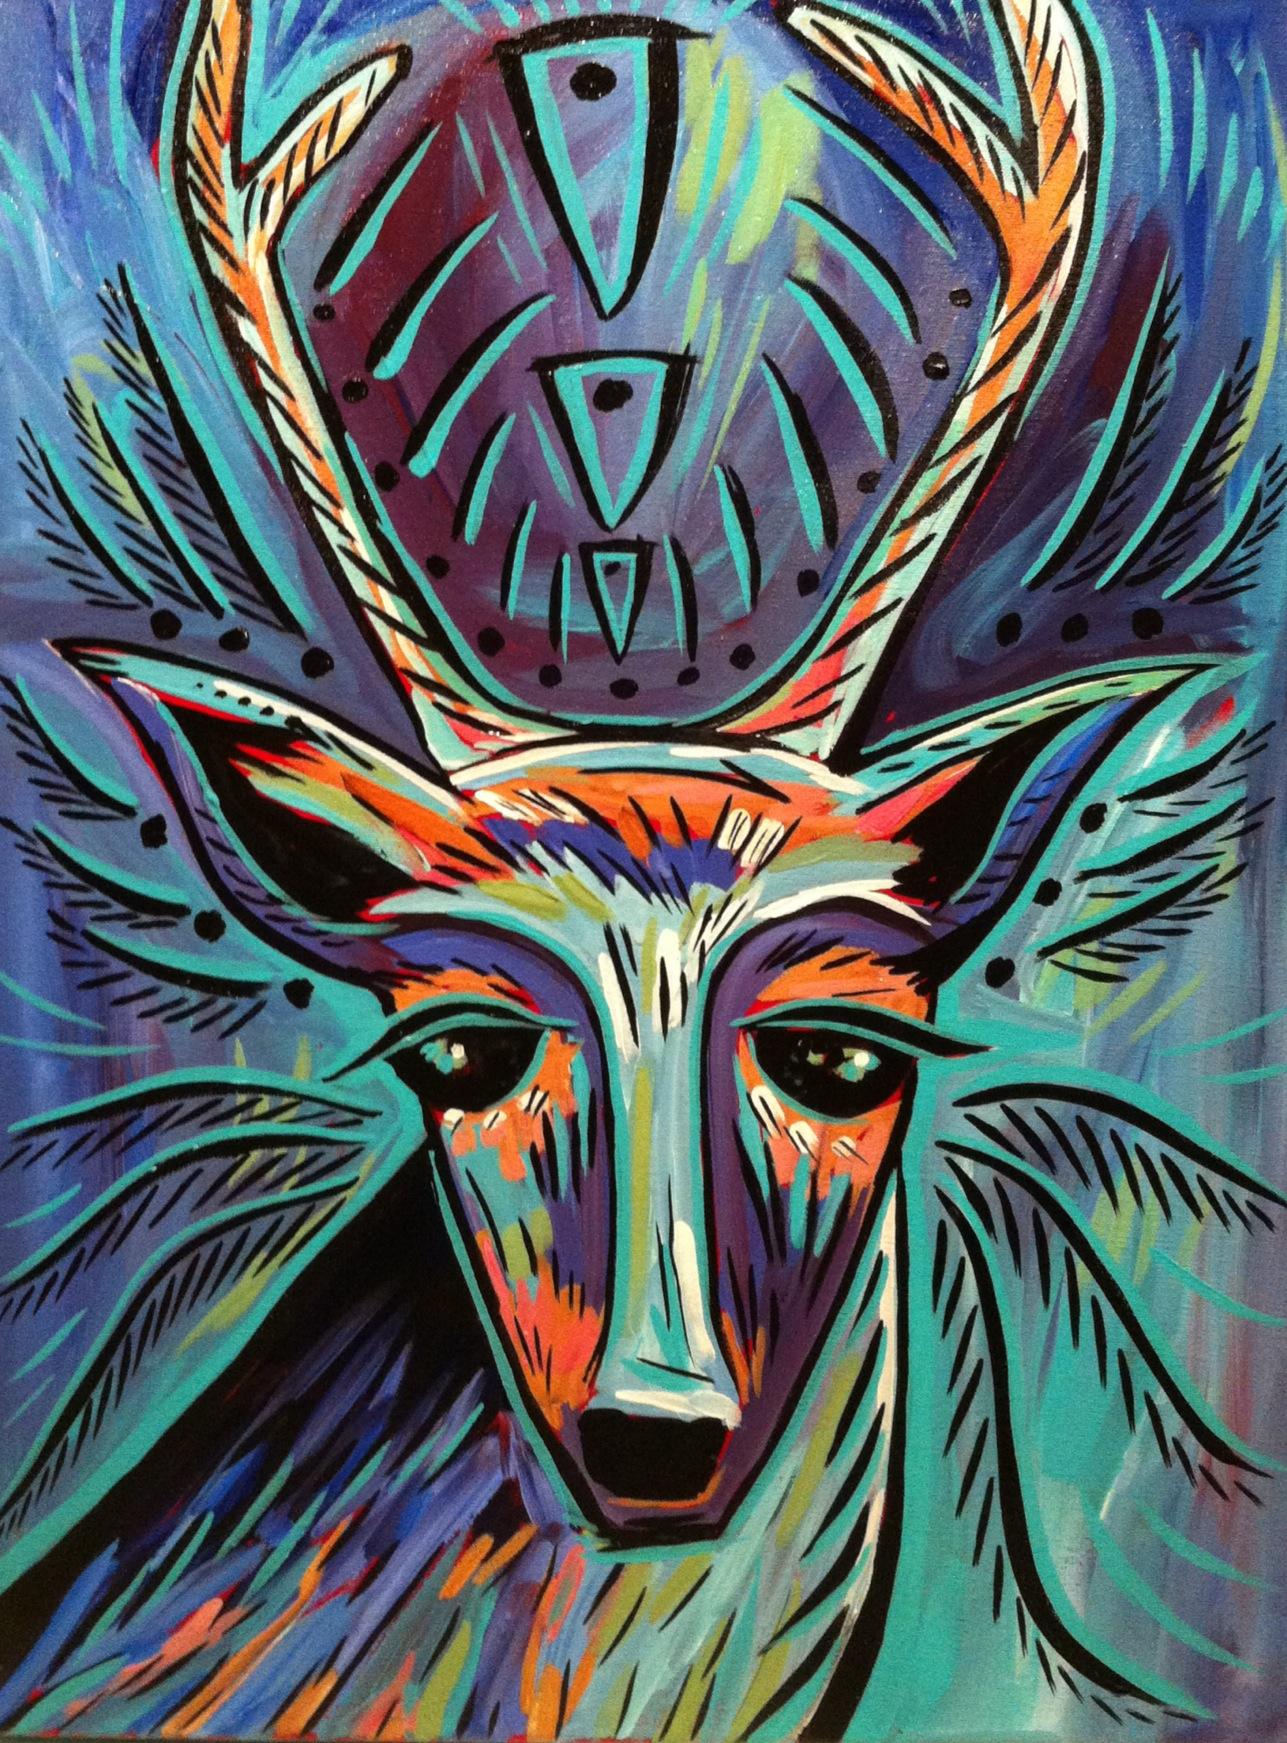 Intuition -- soul deer series